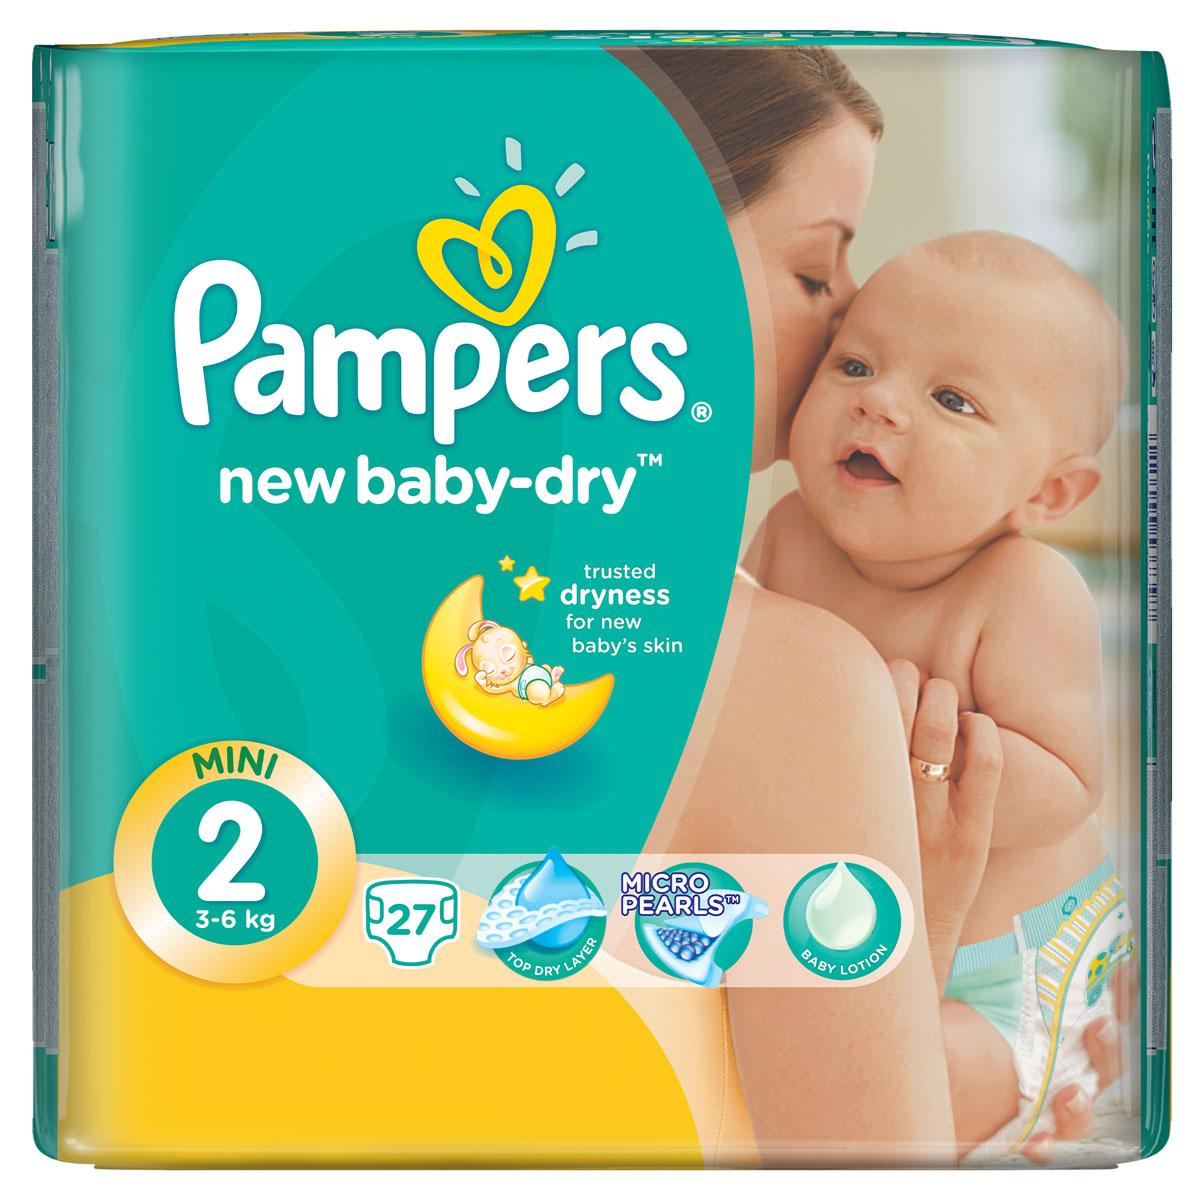 Pampers Подгузники New Baby-Dry 3-6 кг (размер 2) 27 штPA-81446629Для каждого доброго утра нужно, до 12 часов сухости ночью. Вот почему подгузники Pampers New Baby-Dry имеют жемчужные микрогранулы, которые впитывают влаги до 30 раз больше собственного веса и надежно удерживают ее внутри подгузника. Просыпайтесь радостно каждое утро с подгузниками Pampers New Baby-Dry. - Мягкий, как хлопок, уникальный верхний слой моментально впитывает влагу с кожи. - Жемчужные микрогранулы впитывают влаги до 30 раз больше собственного веса. - Экстра слой абсорбирует жидкость и распределяет ее по подгузнику. - Тянущиеся боковинки разработаны, чтоб малышу было комфортно двигаться, а подгузник сидел плотно.